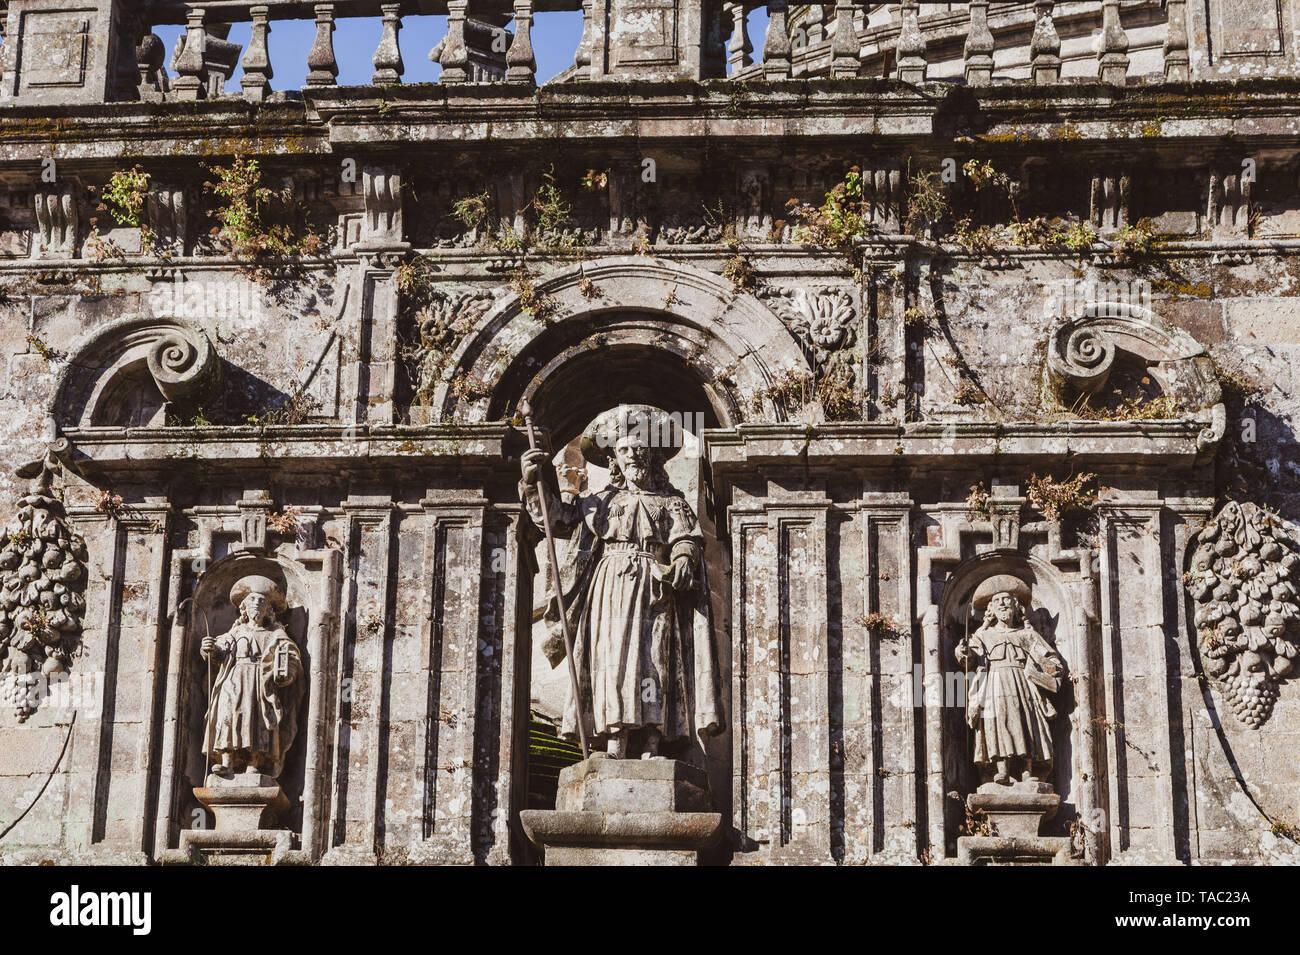 historic architecture Santiago de Compostela Spain - Stock Image